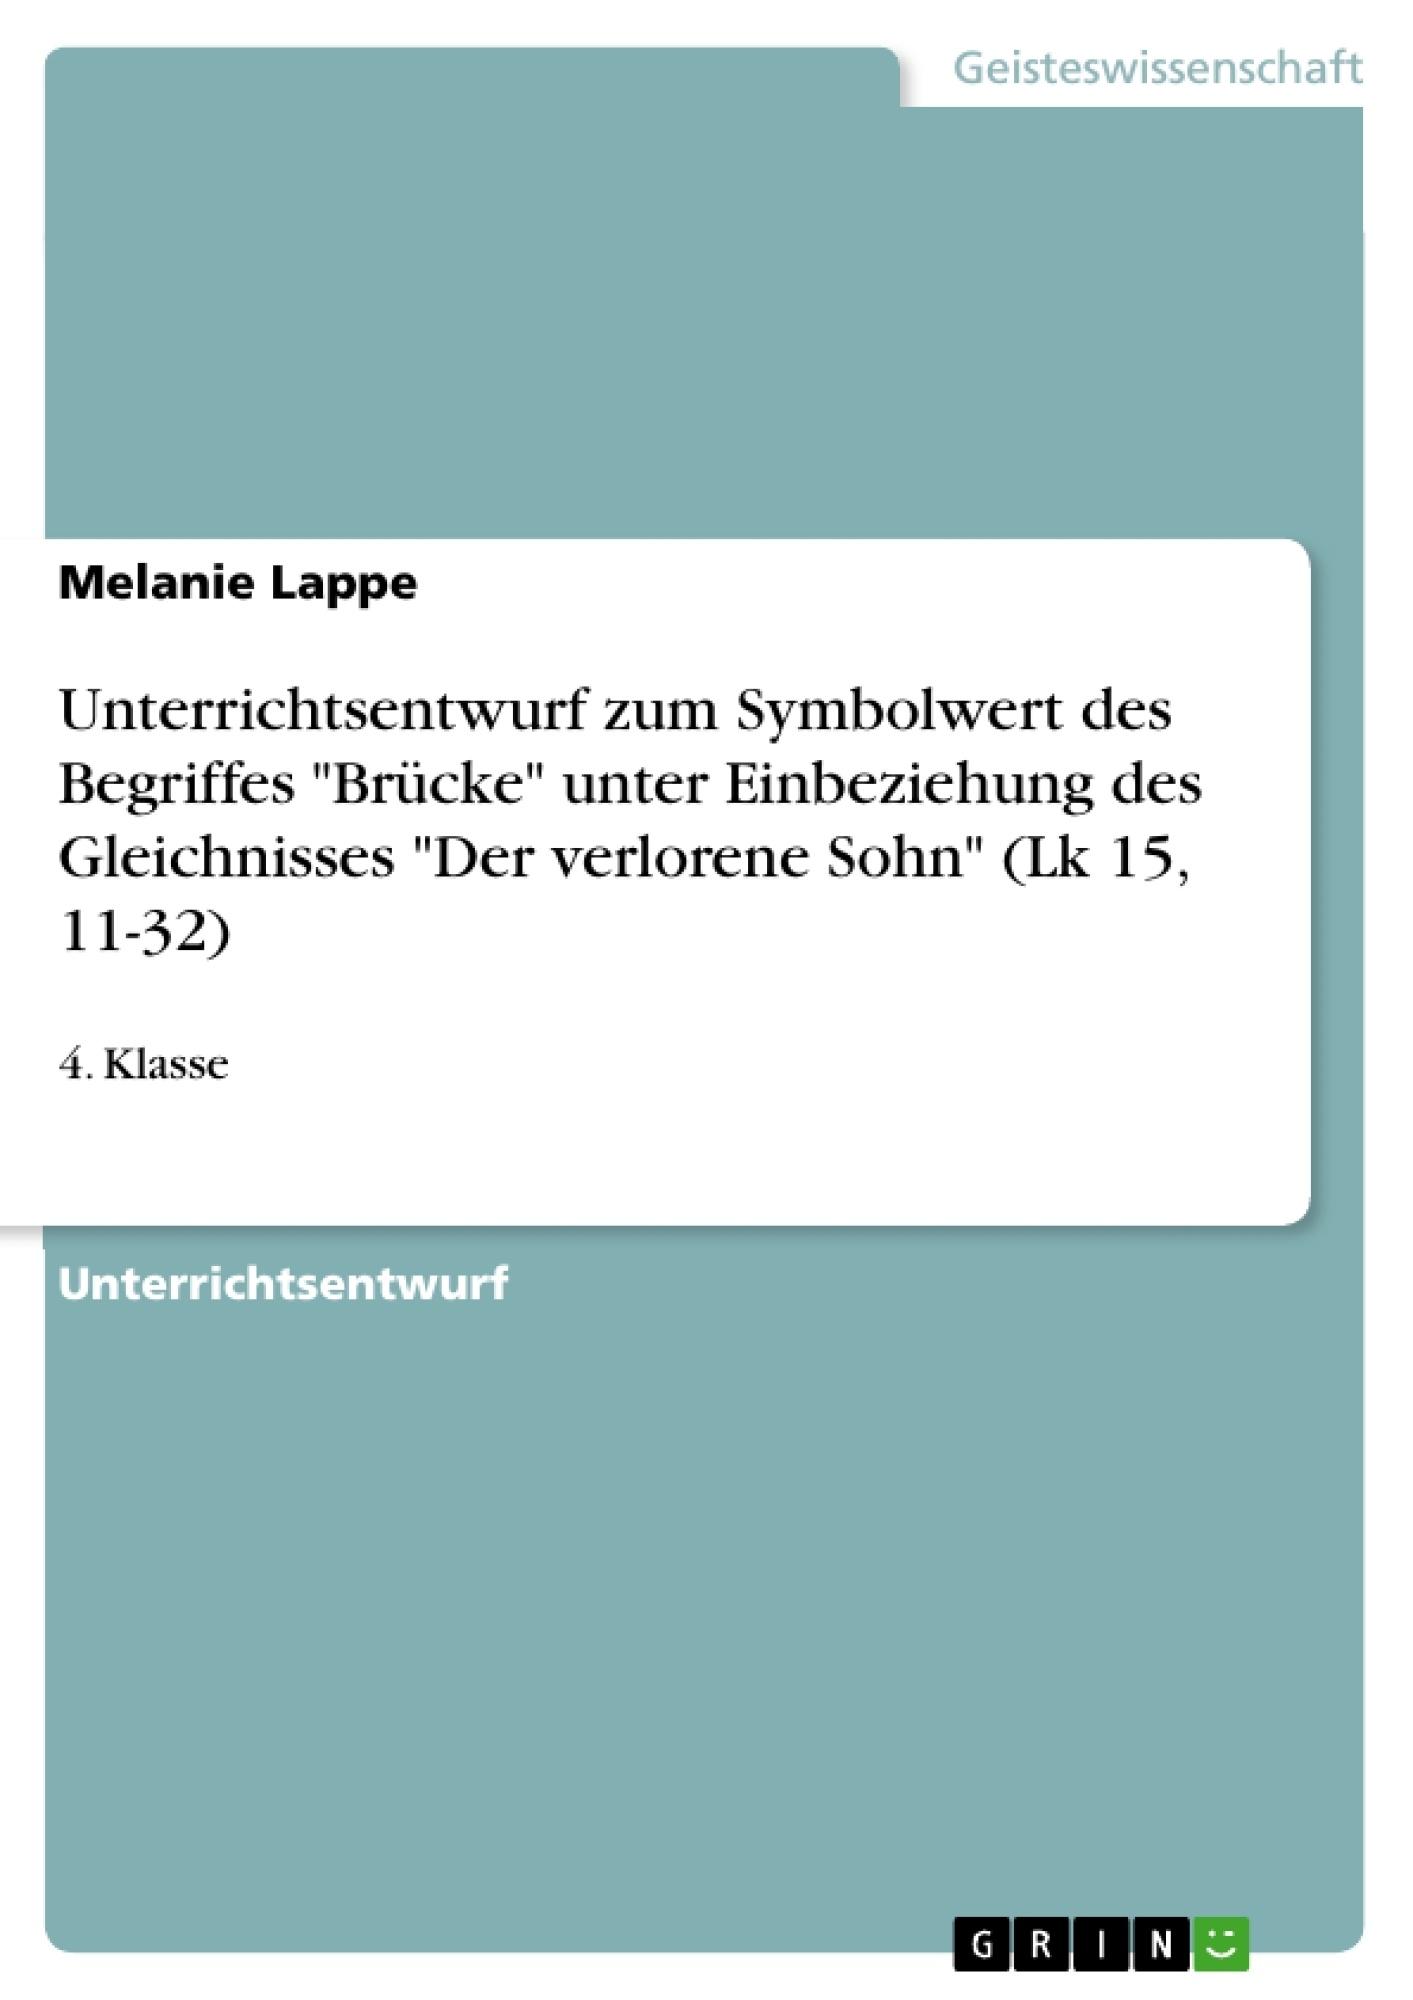 """Titel: Unterrichtsentwurf zum Symbolwert des Begriffes """"Brücke"""" unter Einbeziehung des Gleichnisses """"Der verlorene Sohn"""" (Lk 15, 11-32)"""